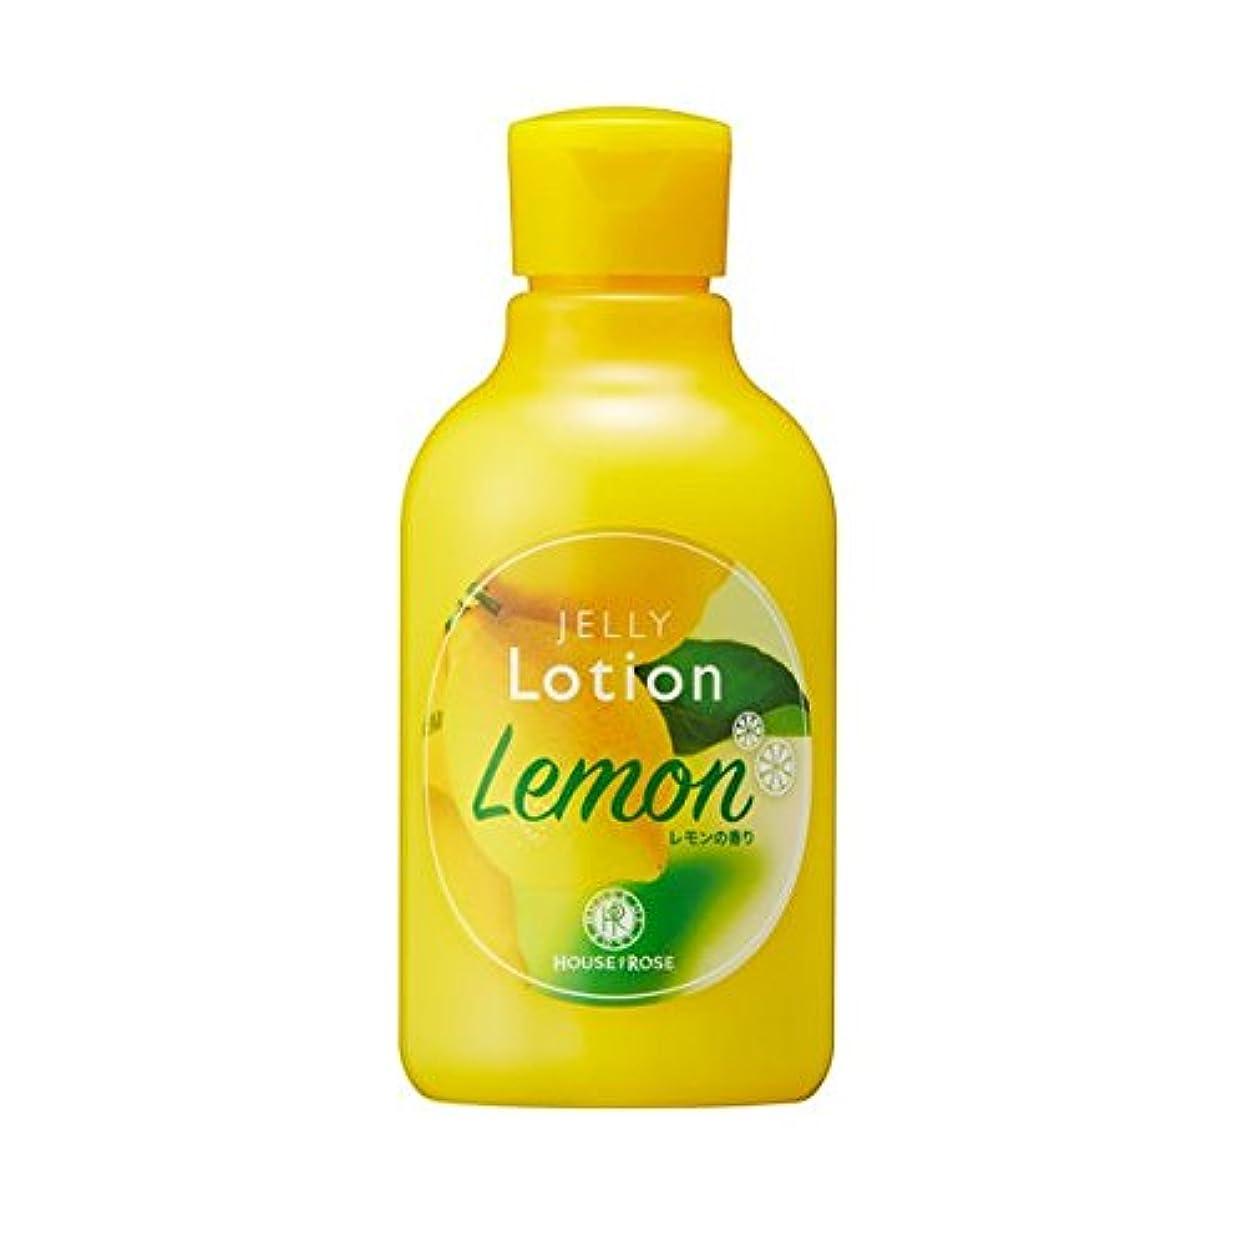 悪化させる強度マーガレットミッチェルHOUSE OF ROSE(ハウスオブローゼ) ハウスオブローゼ/ジェリーローション LM(レモンの香り)200mL